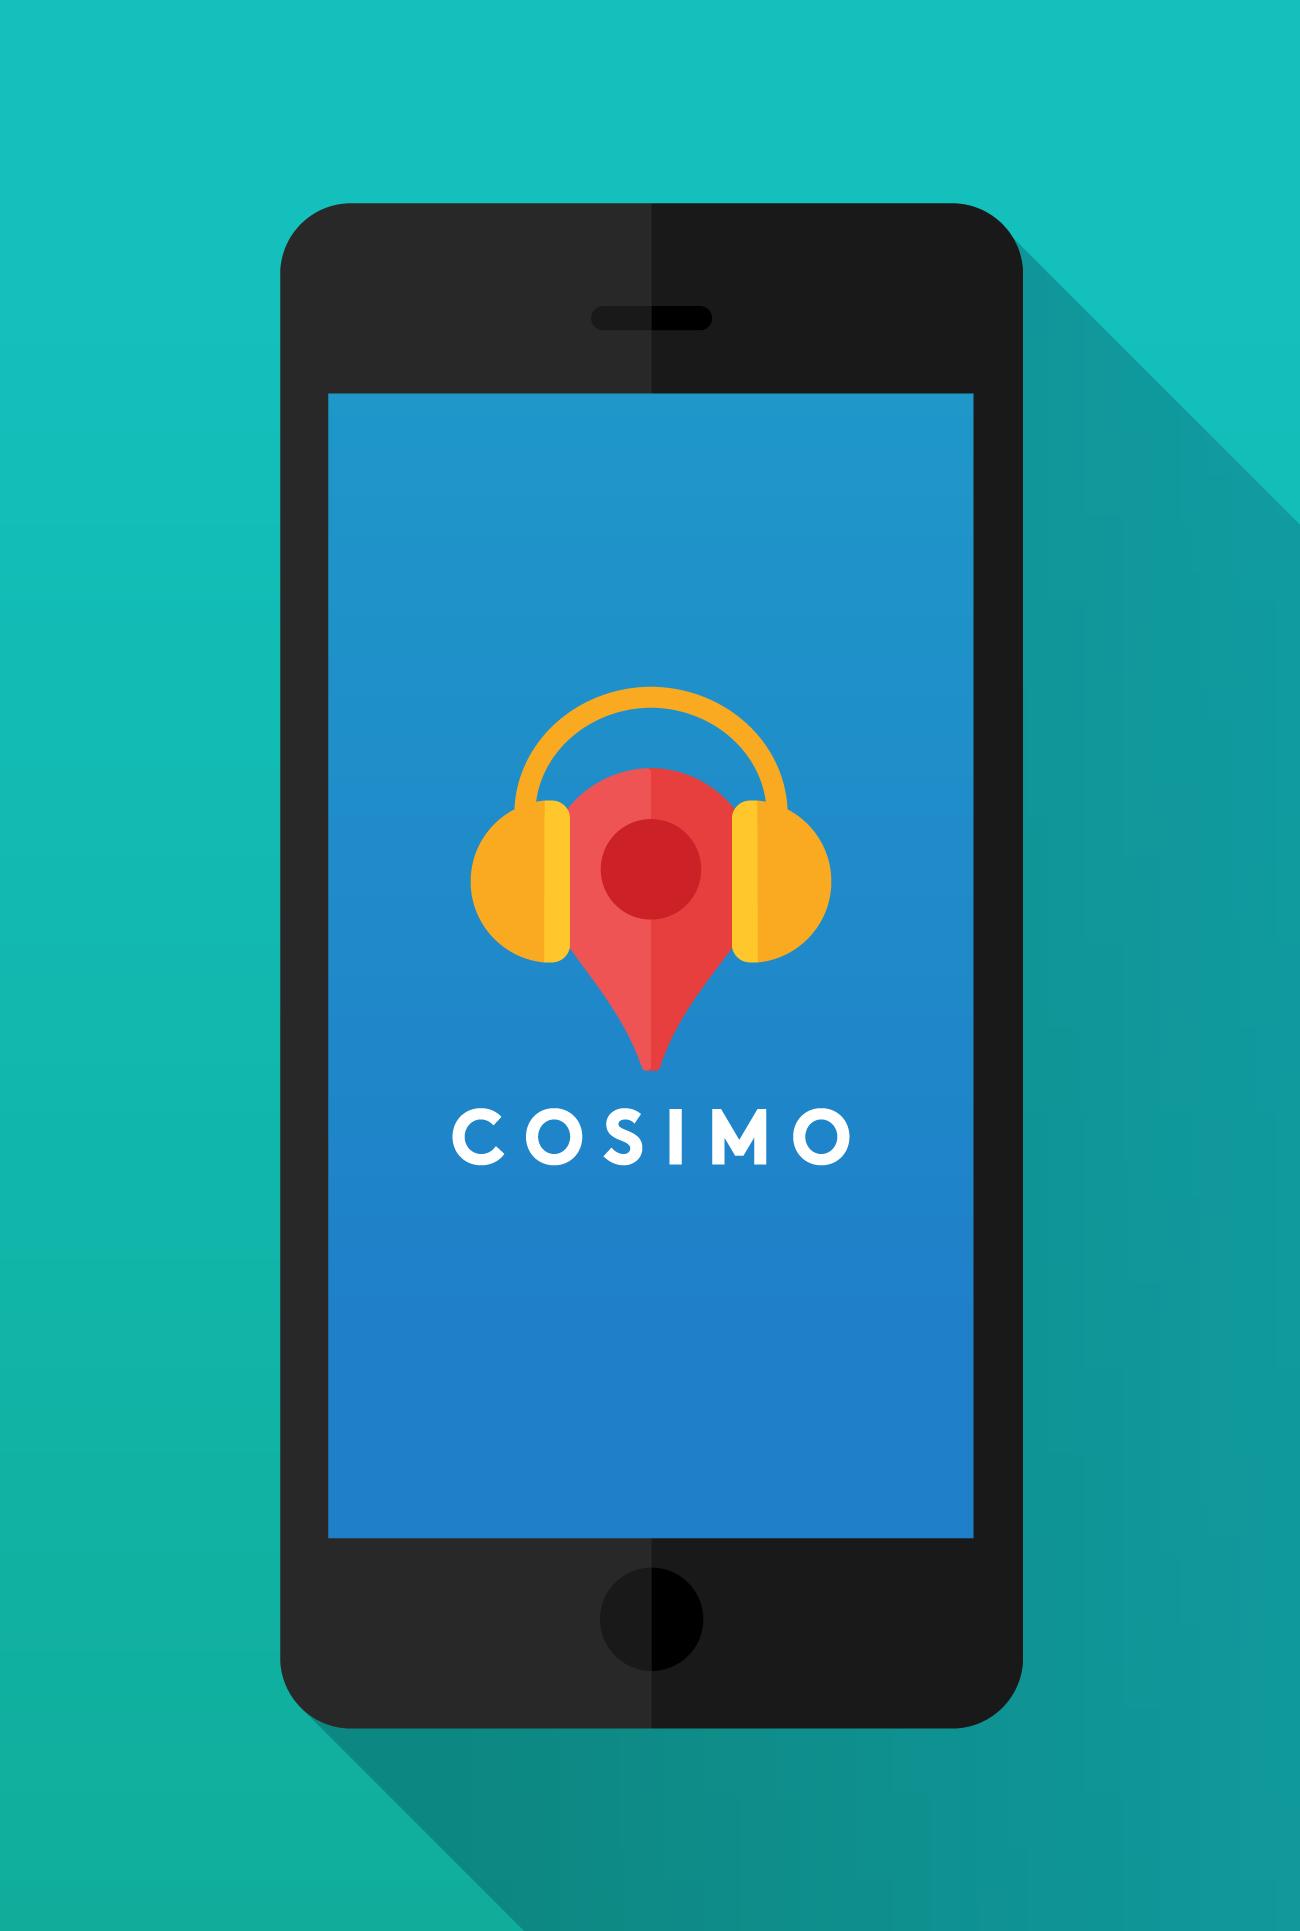 COSIMO   Brand, Web & iOS App Design